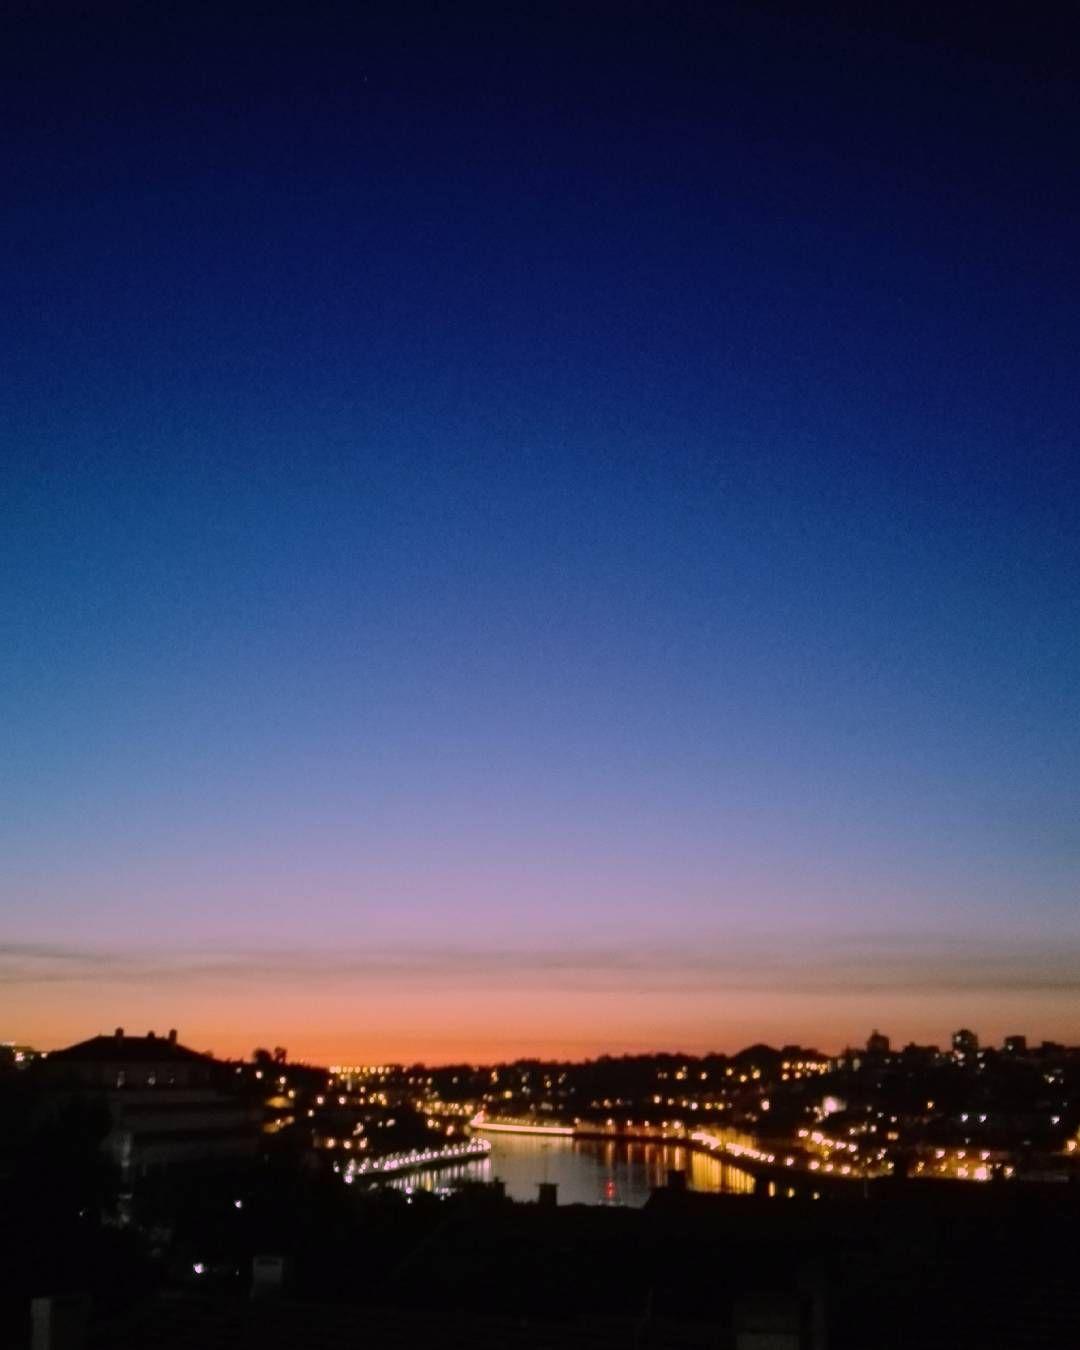 """"""" e eu sempre pensei que te iria ver onde a nossa varanda teria vista mais bonita para o Douro"""" #Landscape #view #sky #nature #peace #douro #photography #pride #lgbt #noh8 #nofilters #myphoto #oporto #clouds #goodvibes #chill #virtudes #oporto #portugal #lights #sunset #river #trees #orangesky #pinksky #bluesky #purplesky by catarinapitrezfotografia"""